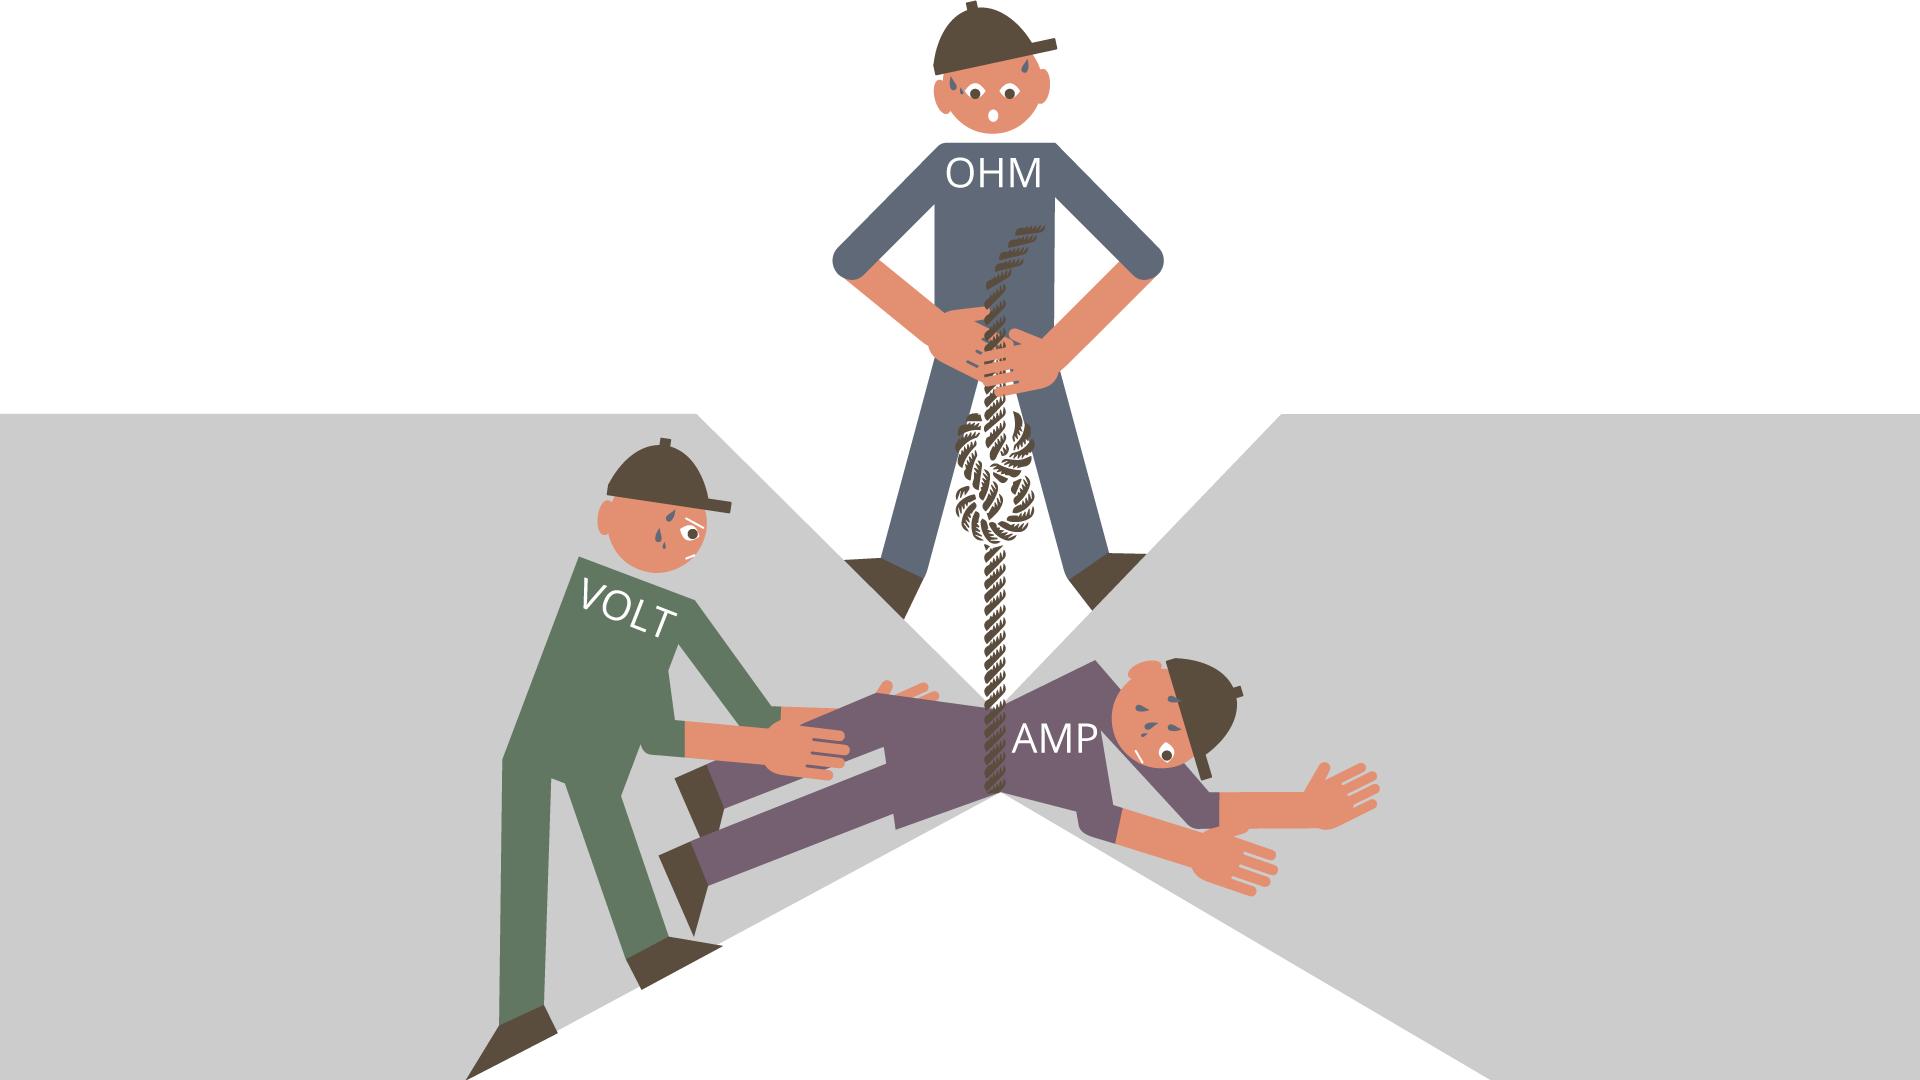 Rysunek ilustrujący wsposób zabawny ale poprawny merytorycznie treść prawa Ohma